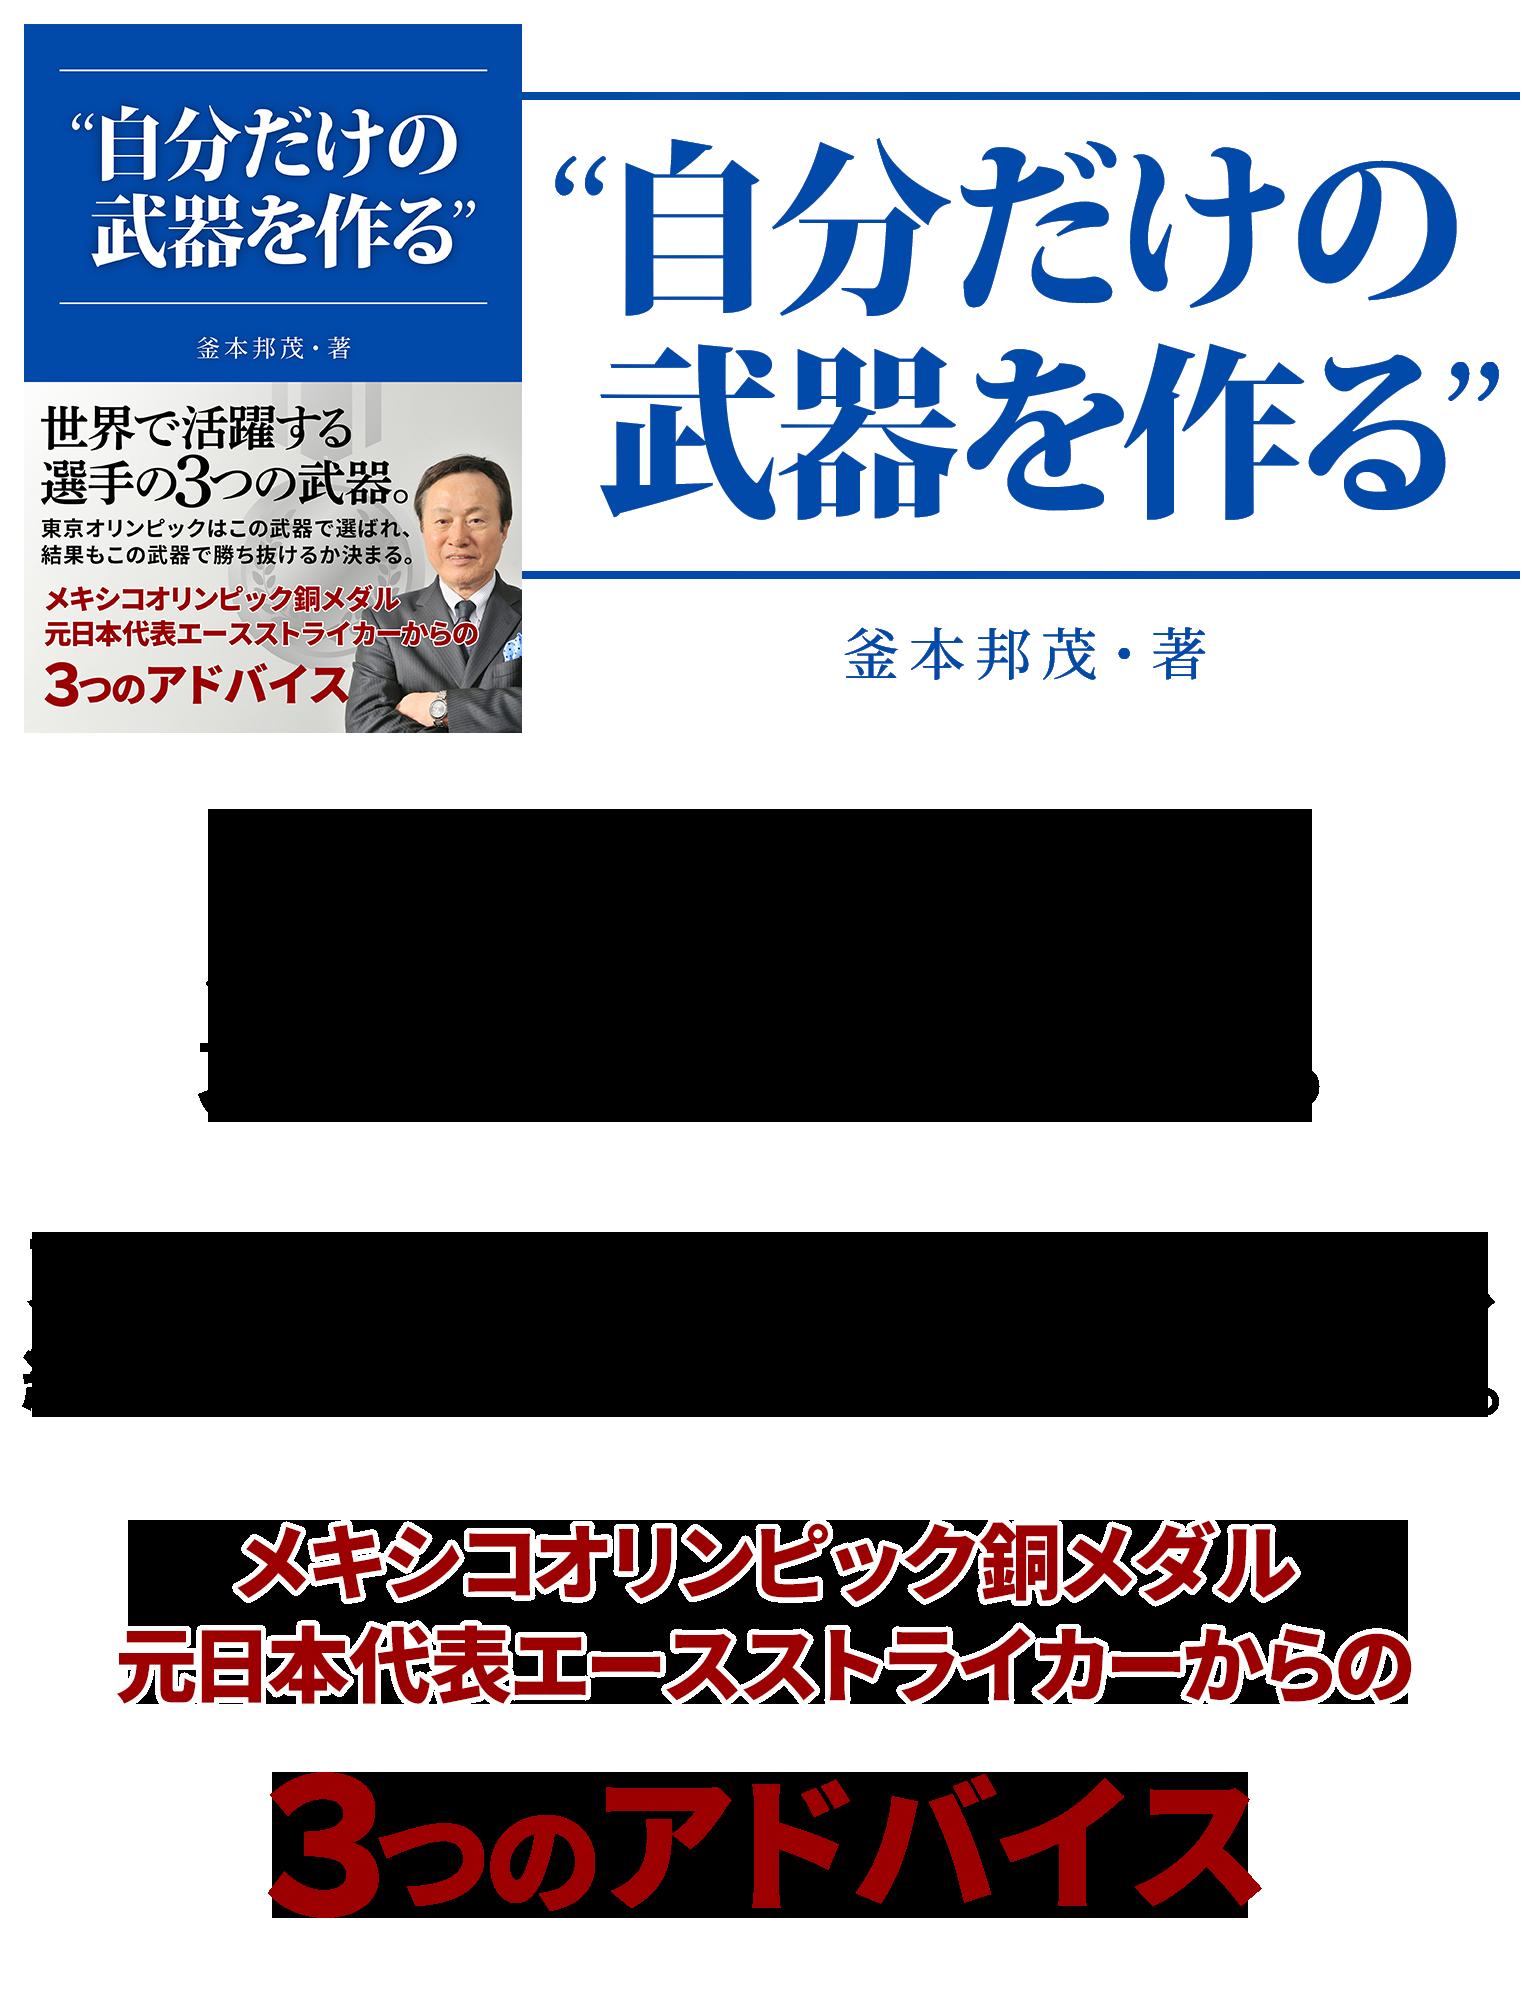 メキシコ テレビ 日本